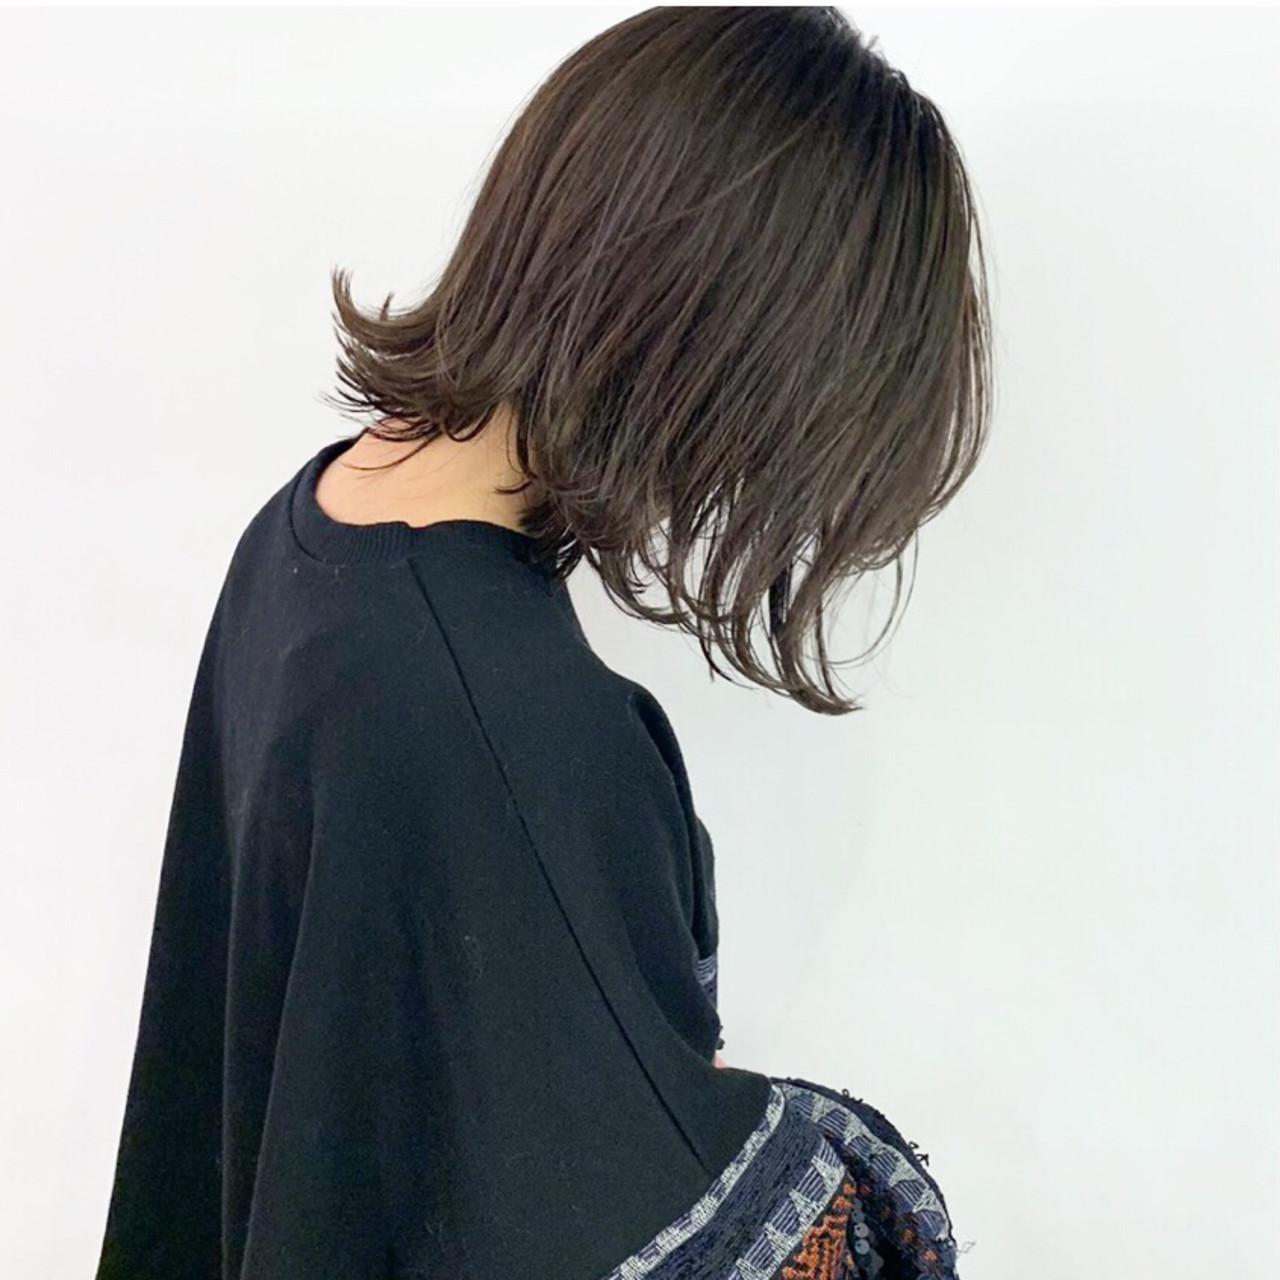 外ハネボブ×ウェット質感でスタイリッシュに 井上 拓耶know hair studio